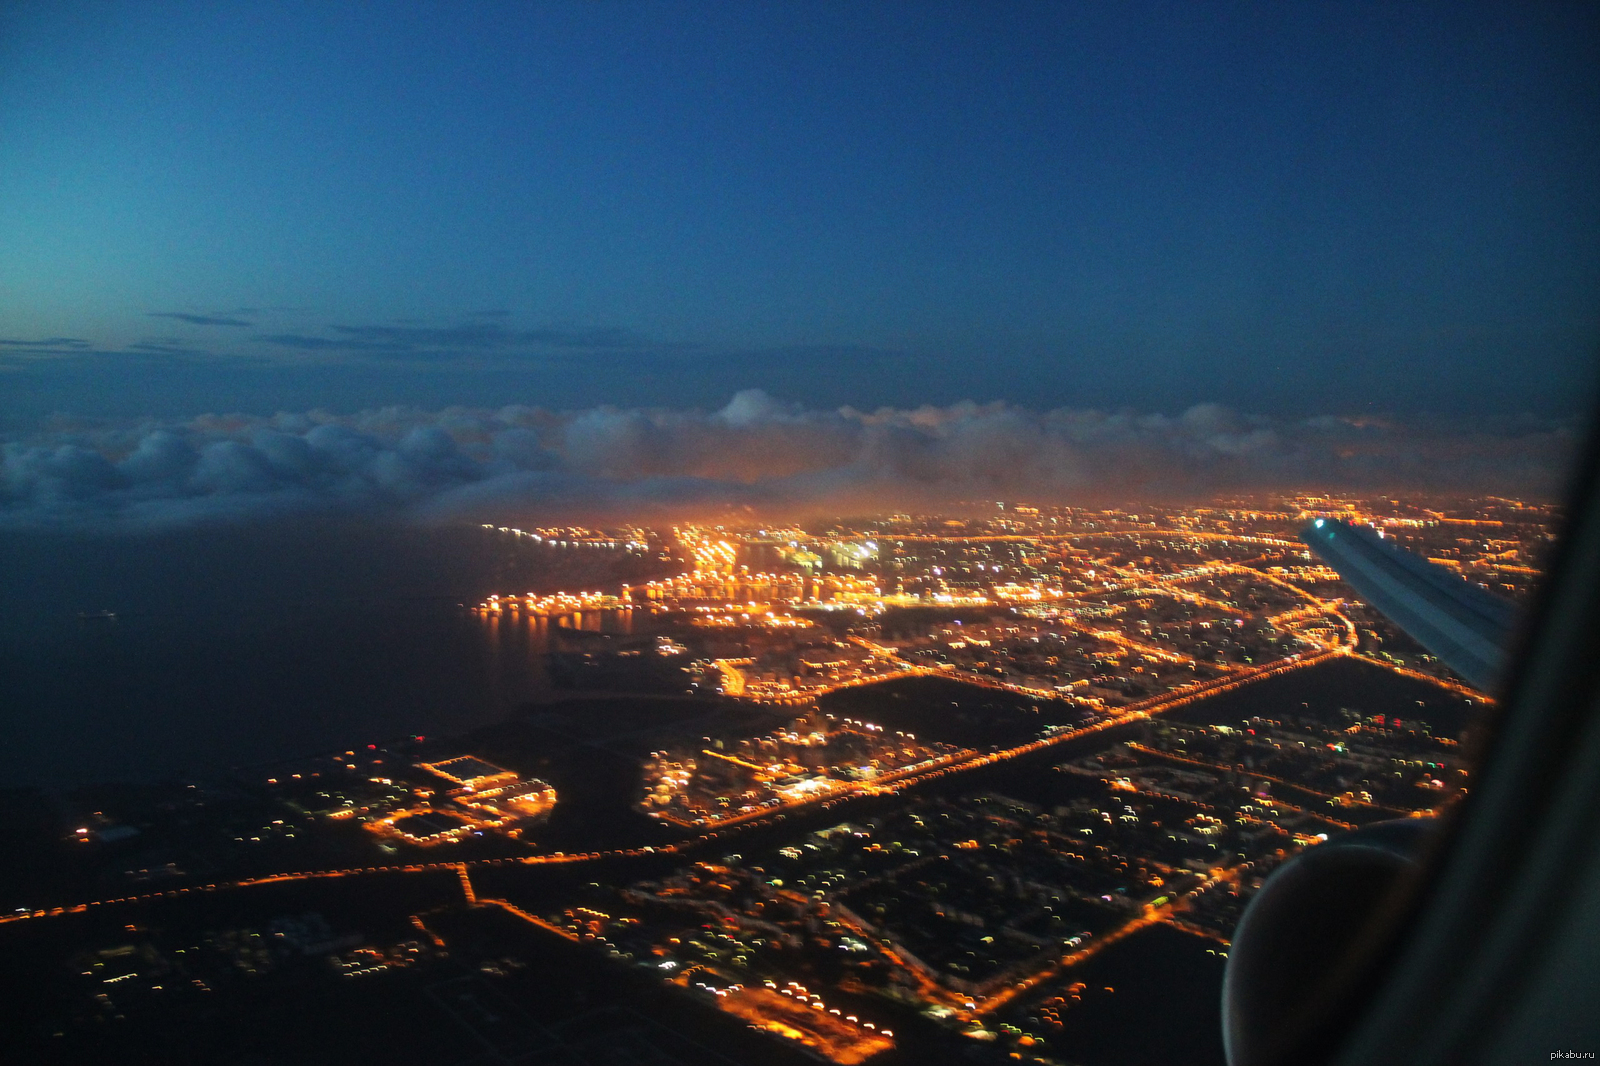 фото ночного города из самолета этой статье